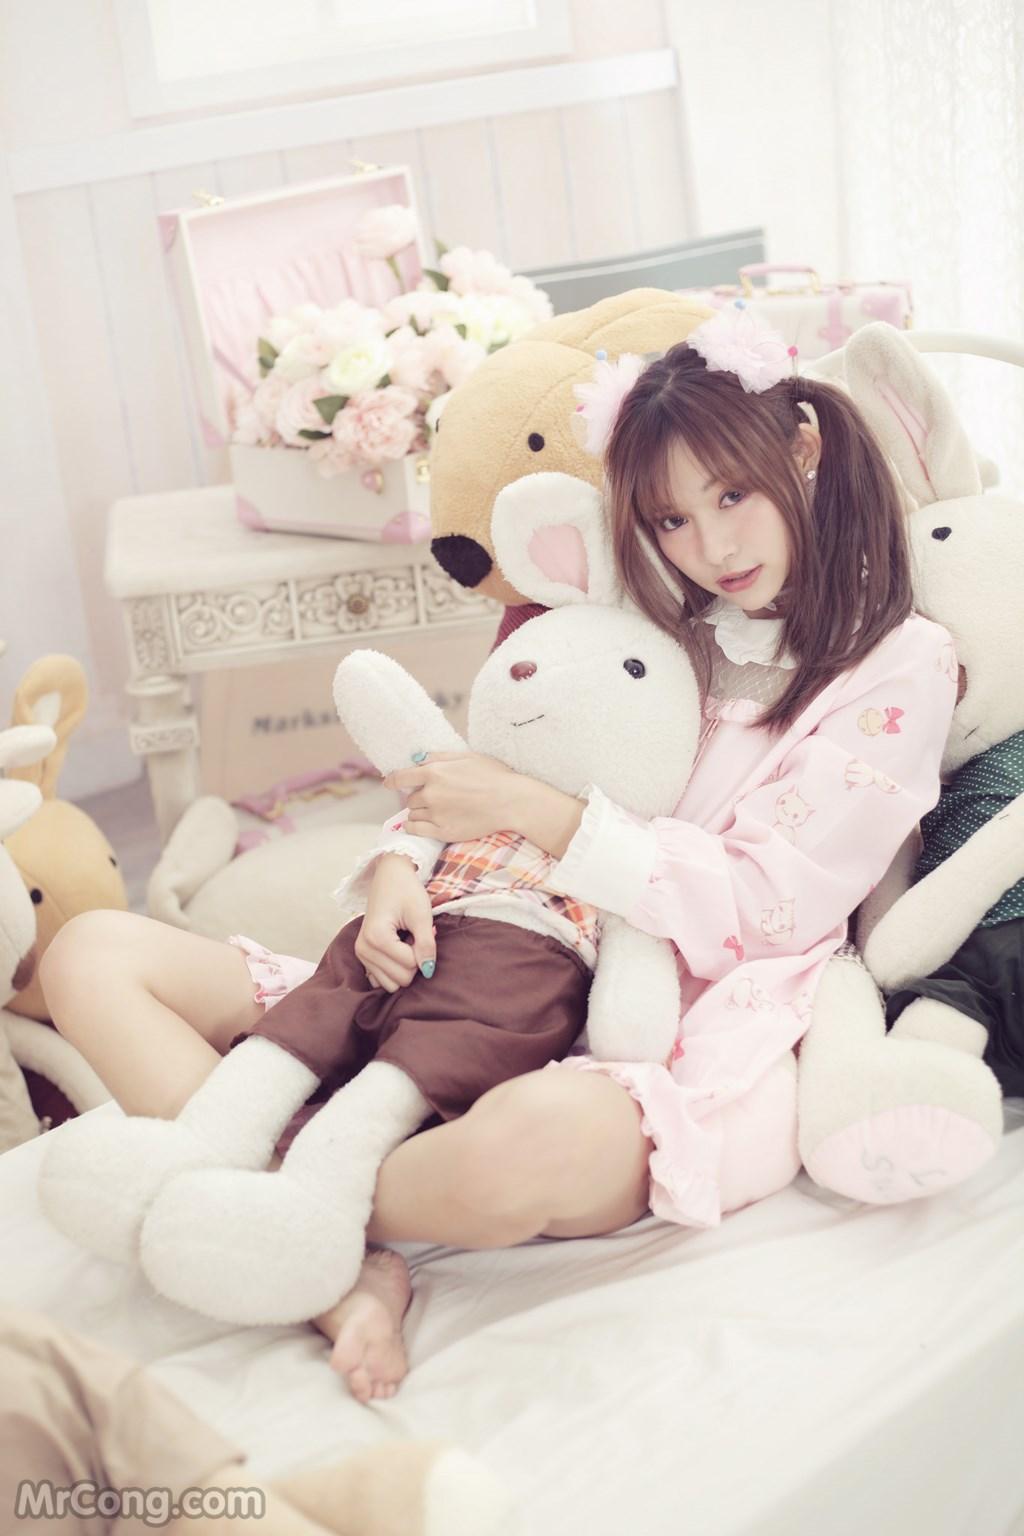 Image Girl-xinh-Dai-Loan-by-Joseph-Huang-Phan-3-MrCong.com-0005 in post Các cô gái Đài Loan qua góc chụp của Joseph Huang (黃阿文) - Phần 3 (1470 ảnh)